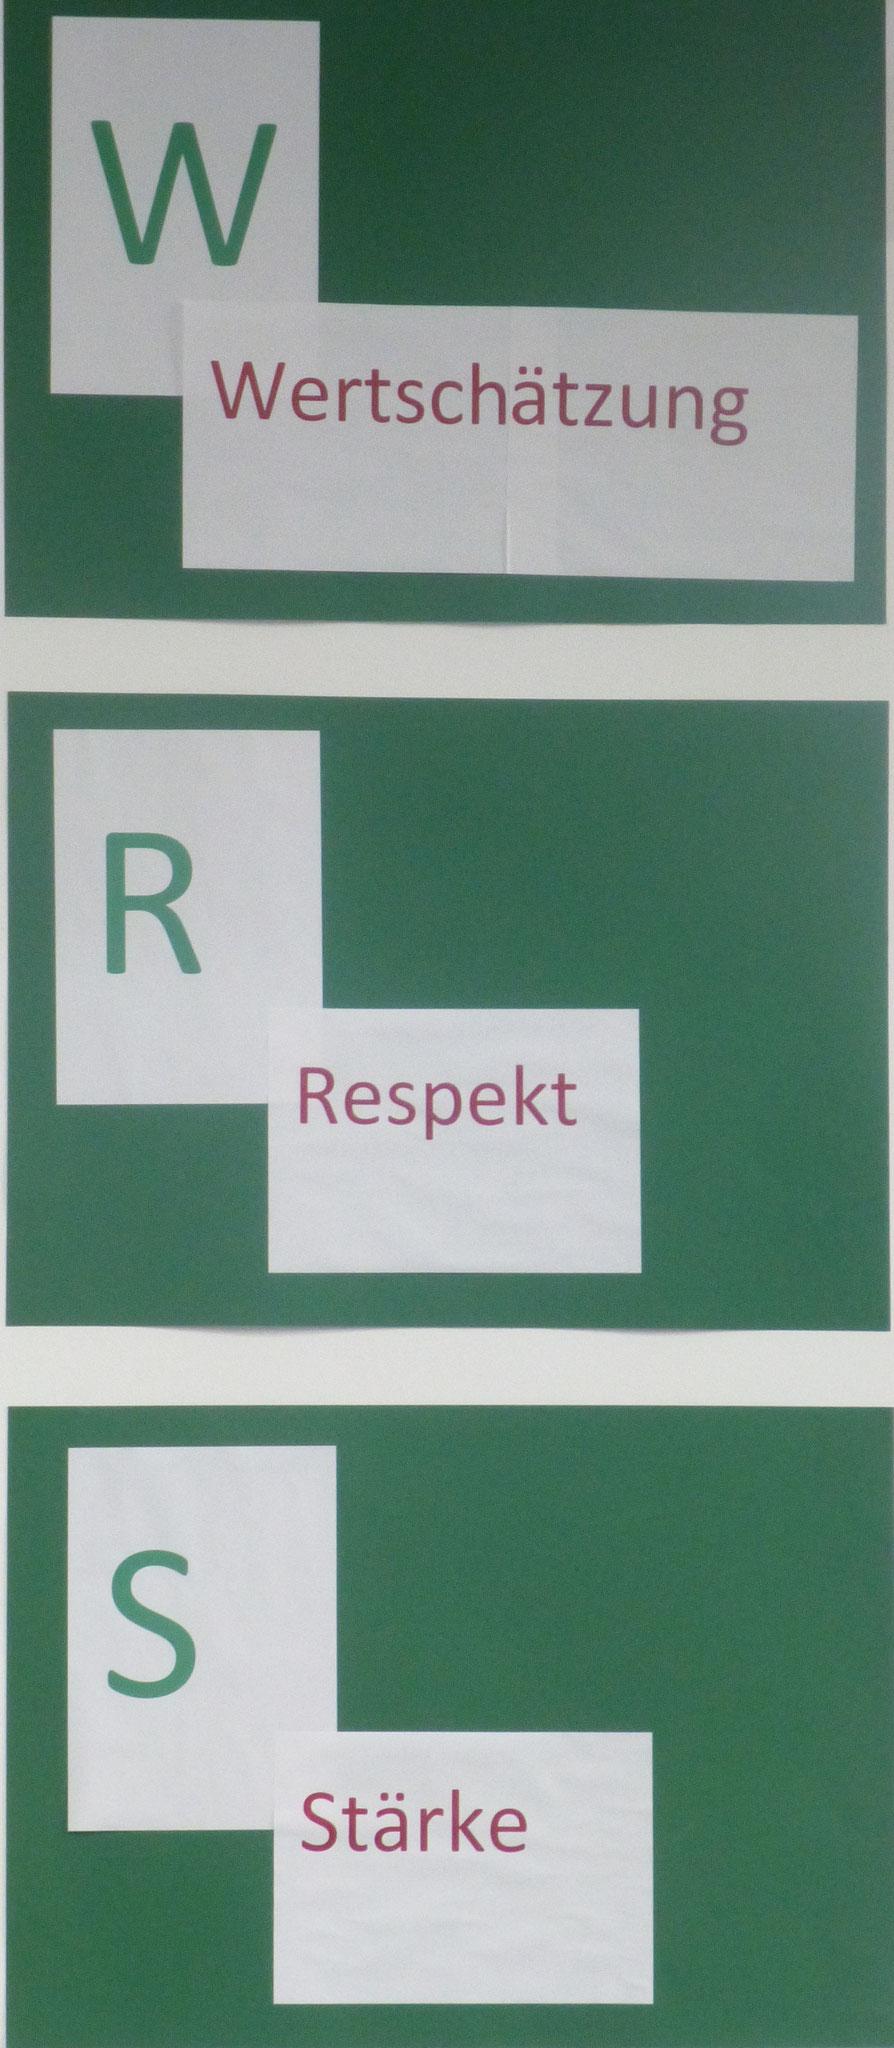 Wertschätzung - Respekt - Stärke